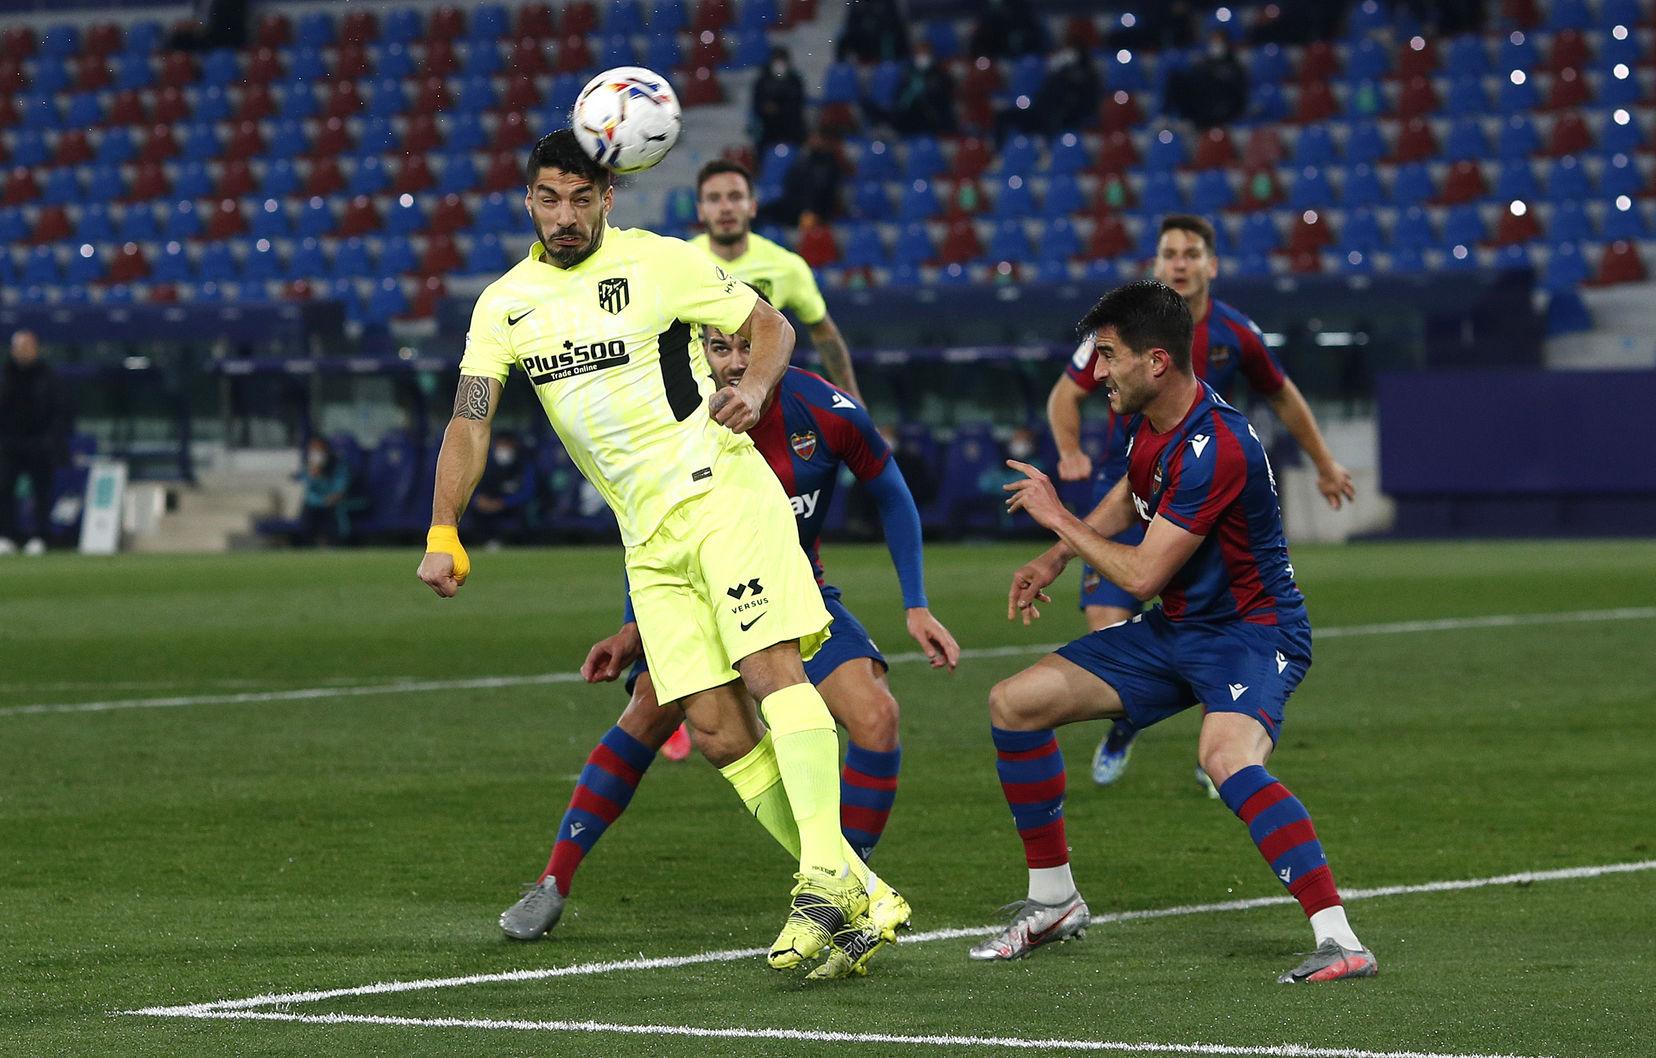 Примера. Перенесенный матч 2-го тура. Атлетико теряет очки на поле Леванте - изображение 1